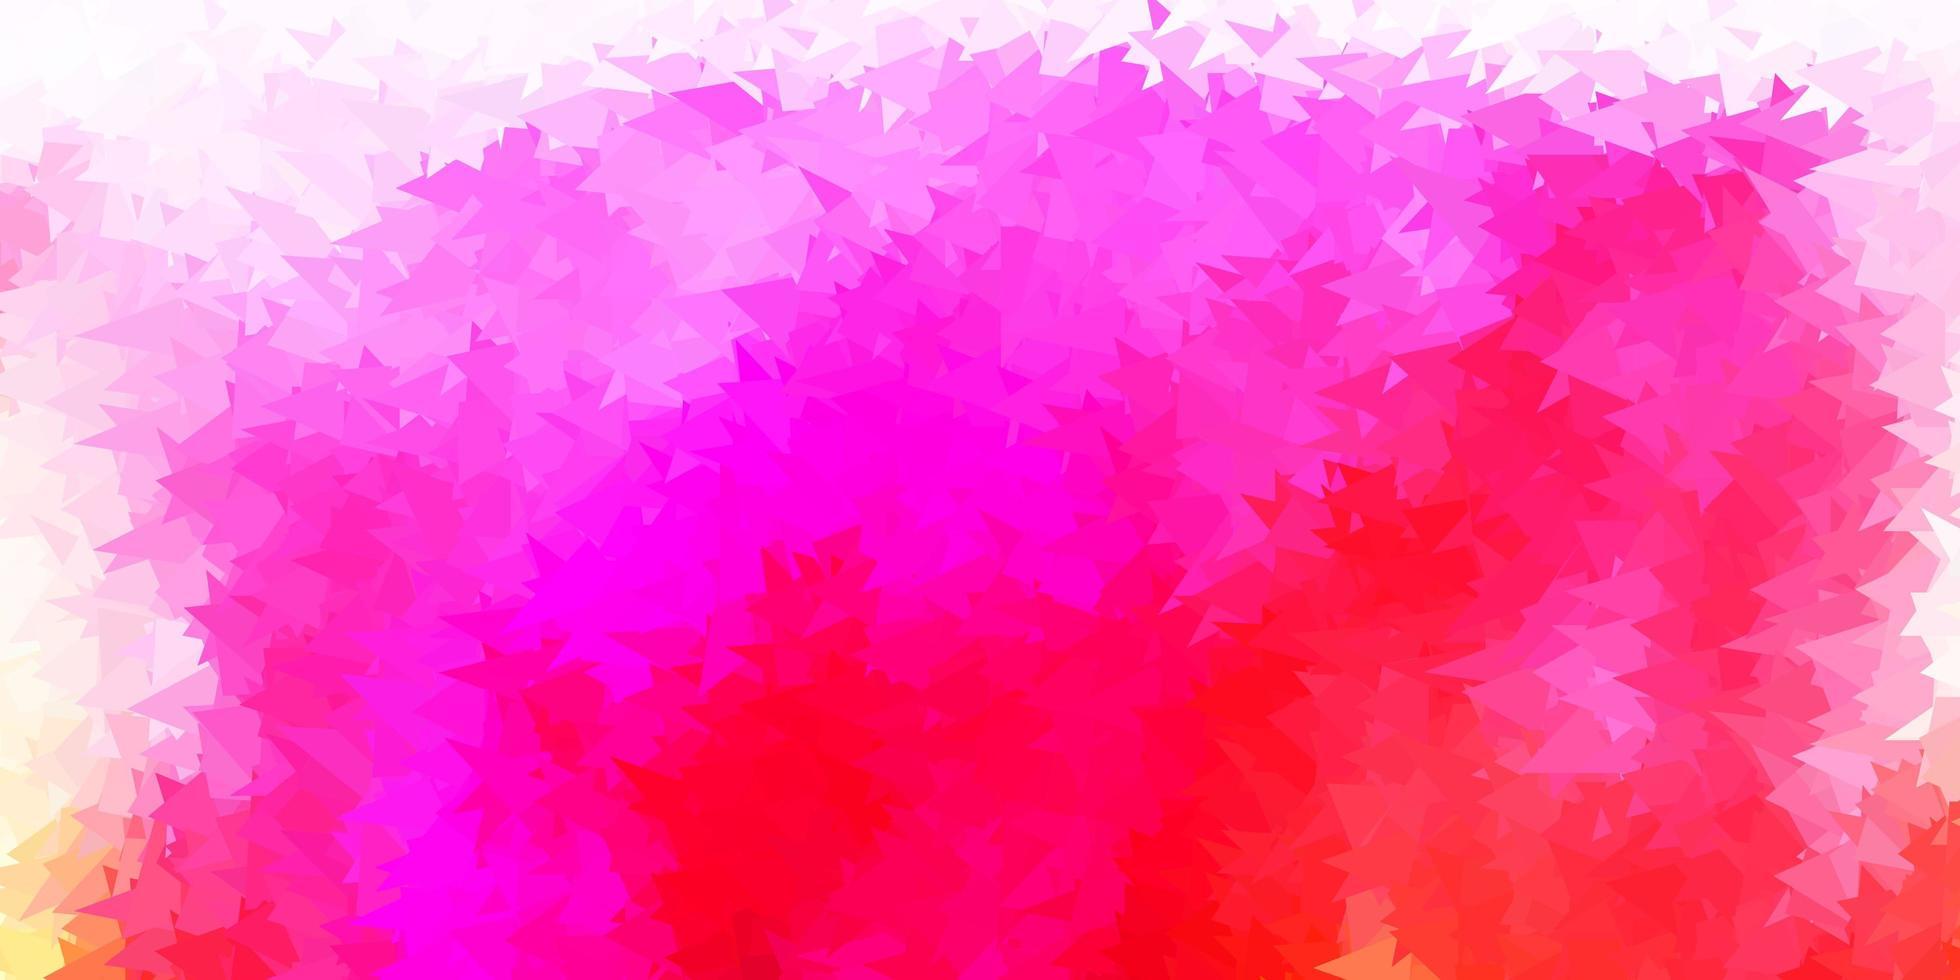 hellrosa, gelber Vektor abstrakter Dreieckhintergrund.